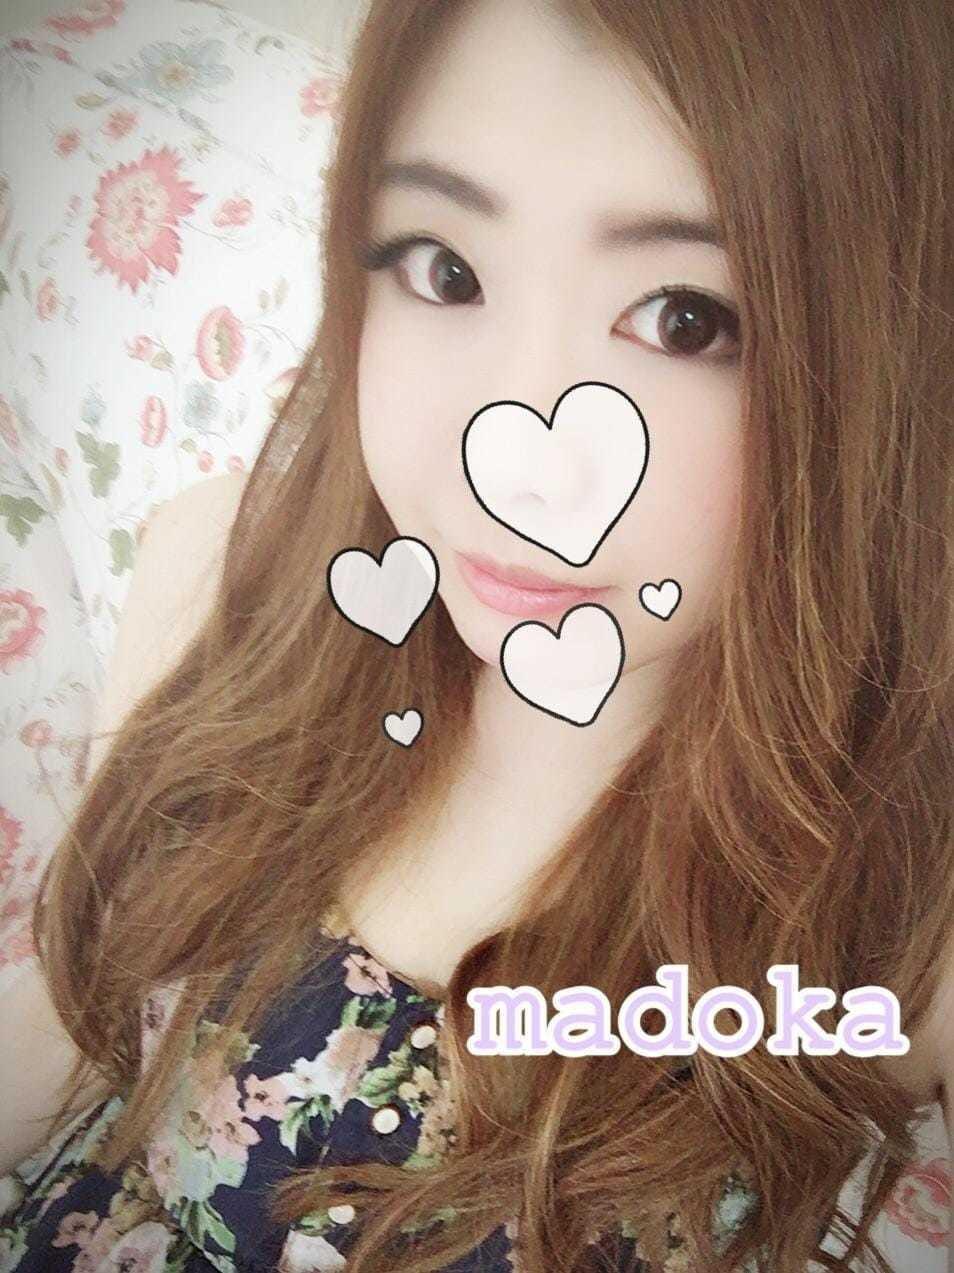 「感謝です☆」08/22(08/22) 05:14 | マドカの写メ・風俗動画